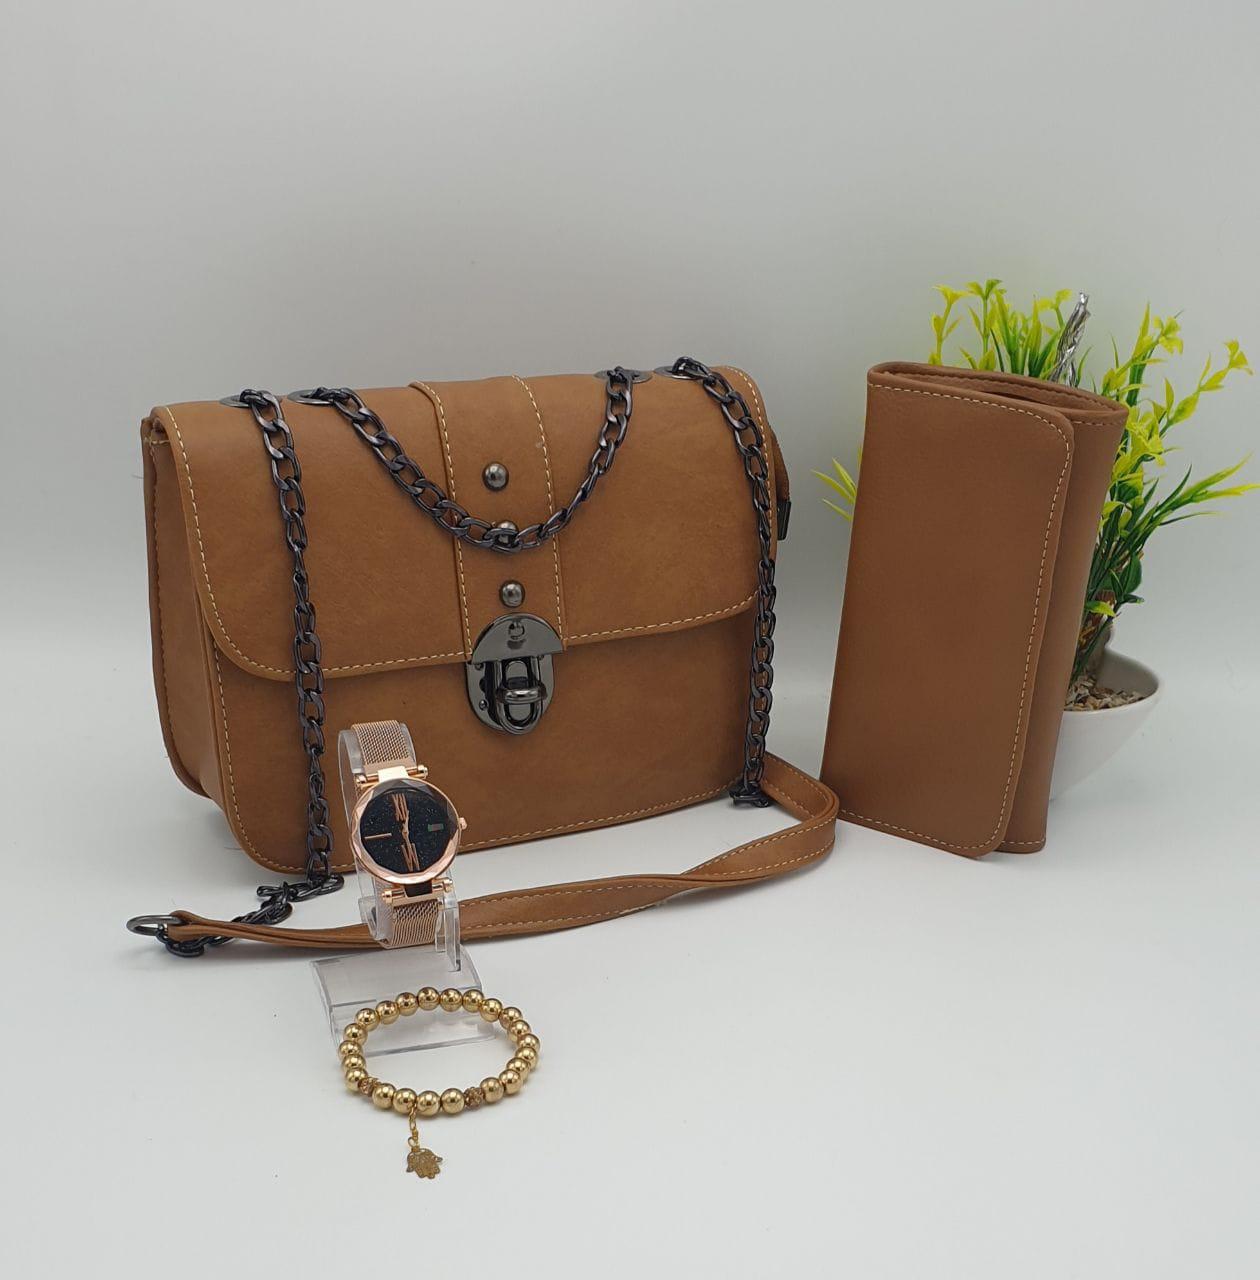 Coffret Sac 4 pieces princesse, Marron, sac bracelet porte feuille montre